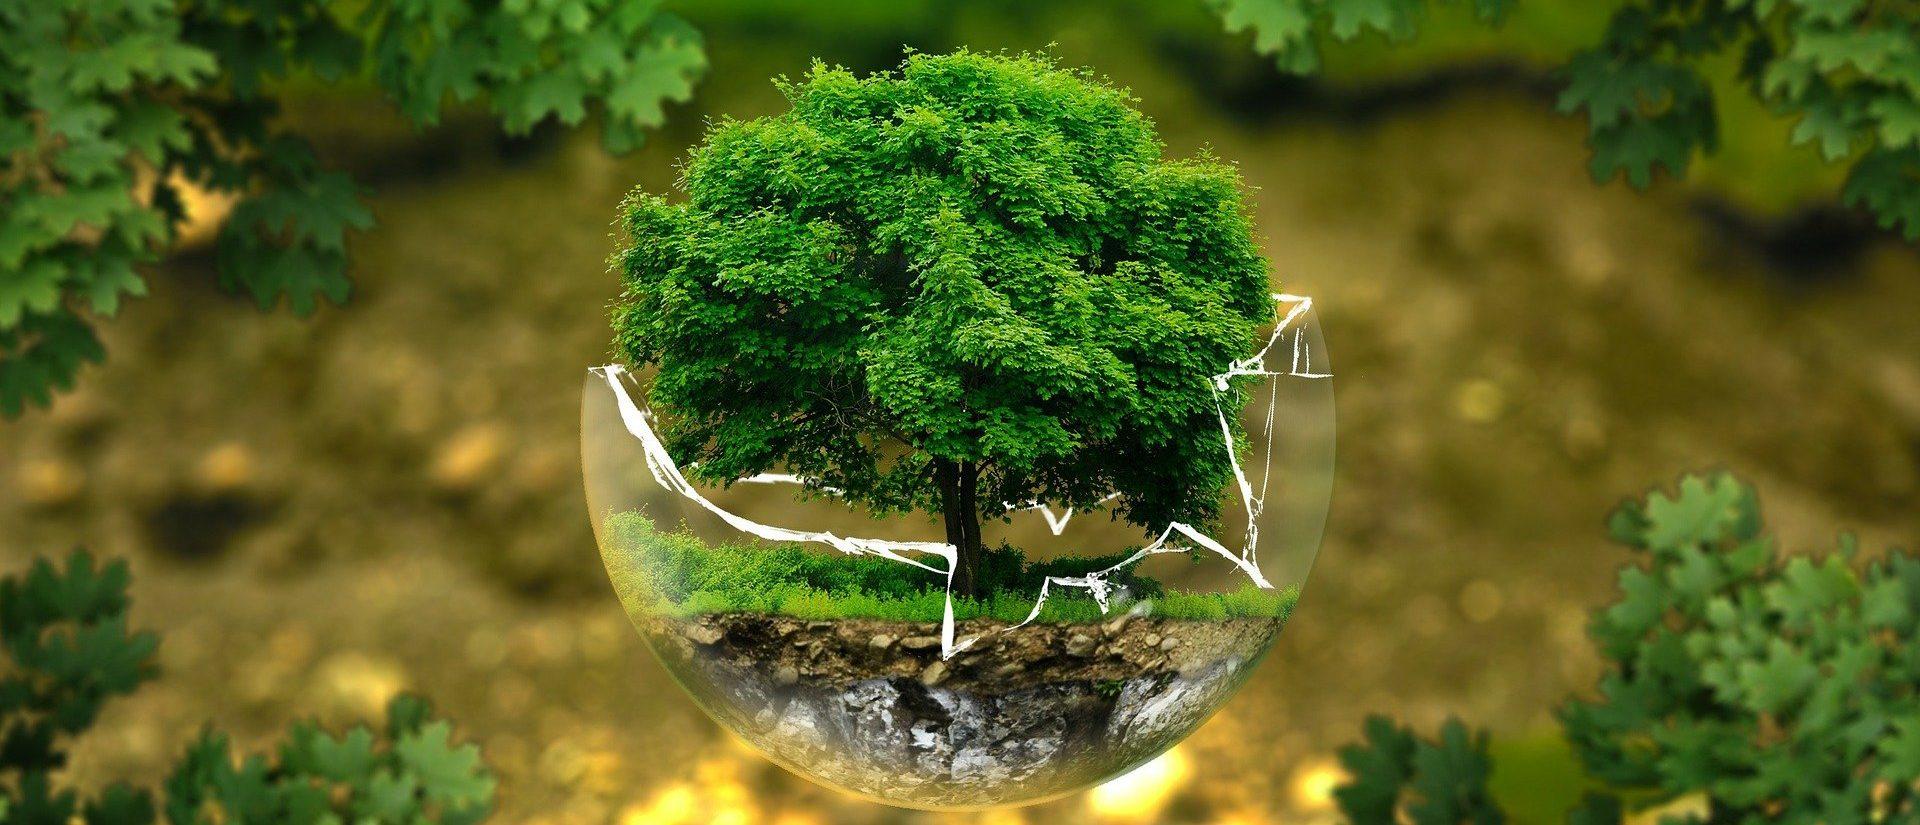 Kleiner Baum in zerbrochener Glaskugel